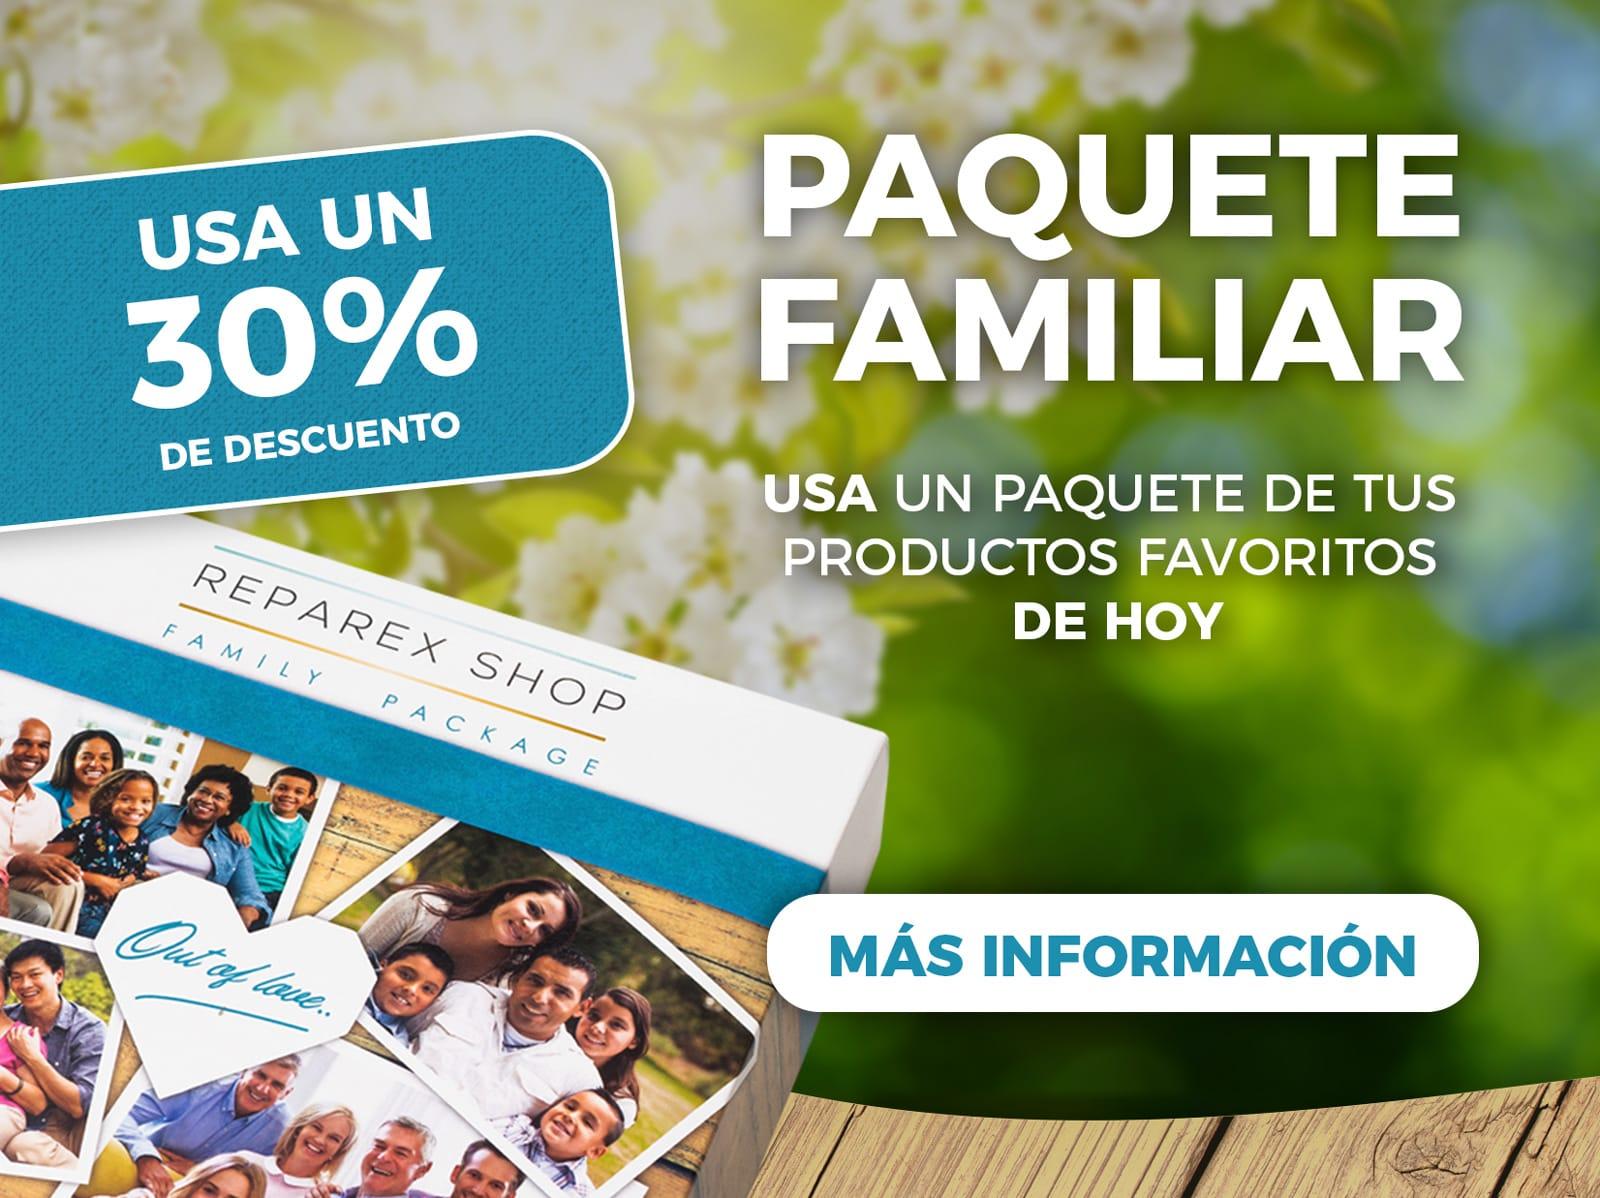 PAQUETE-FAMILIAR-banner-ES